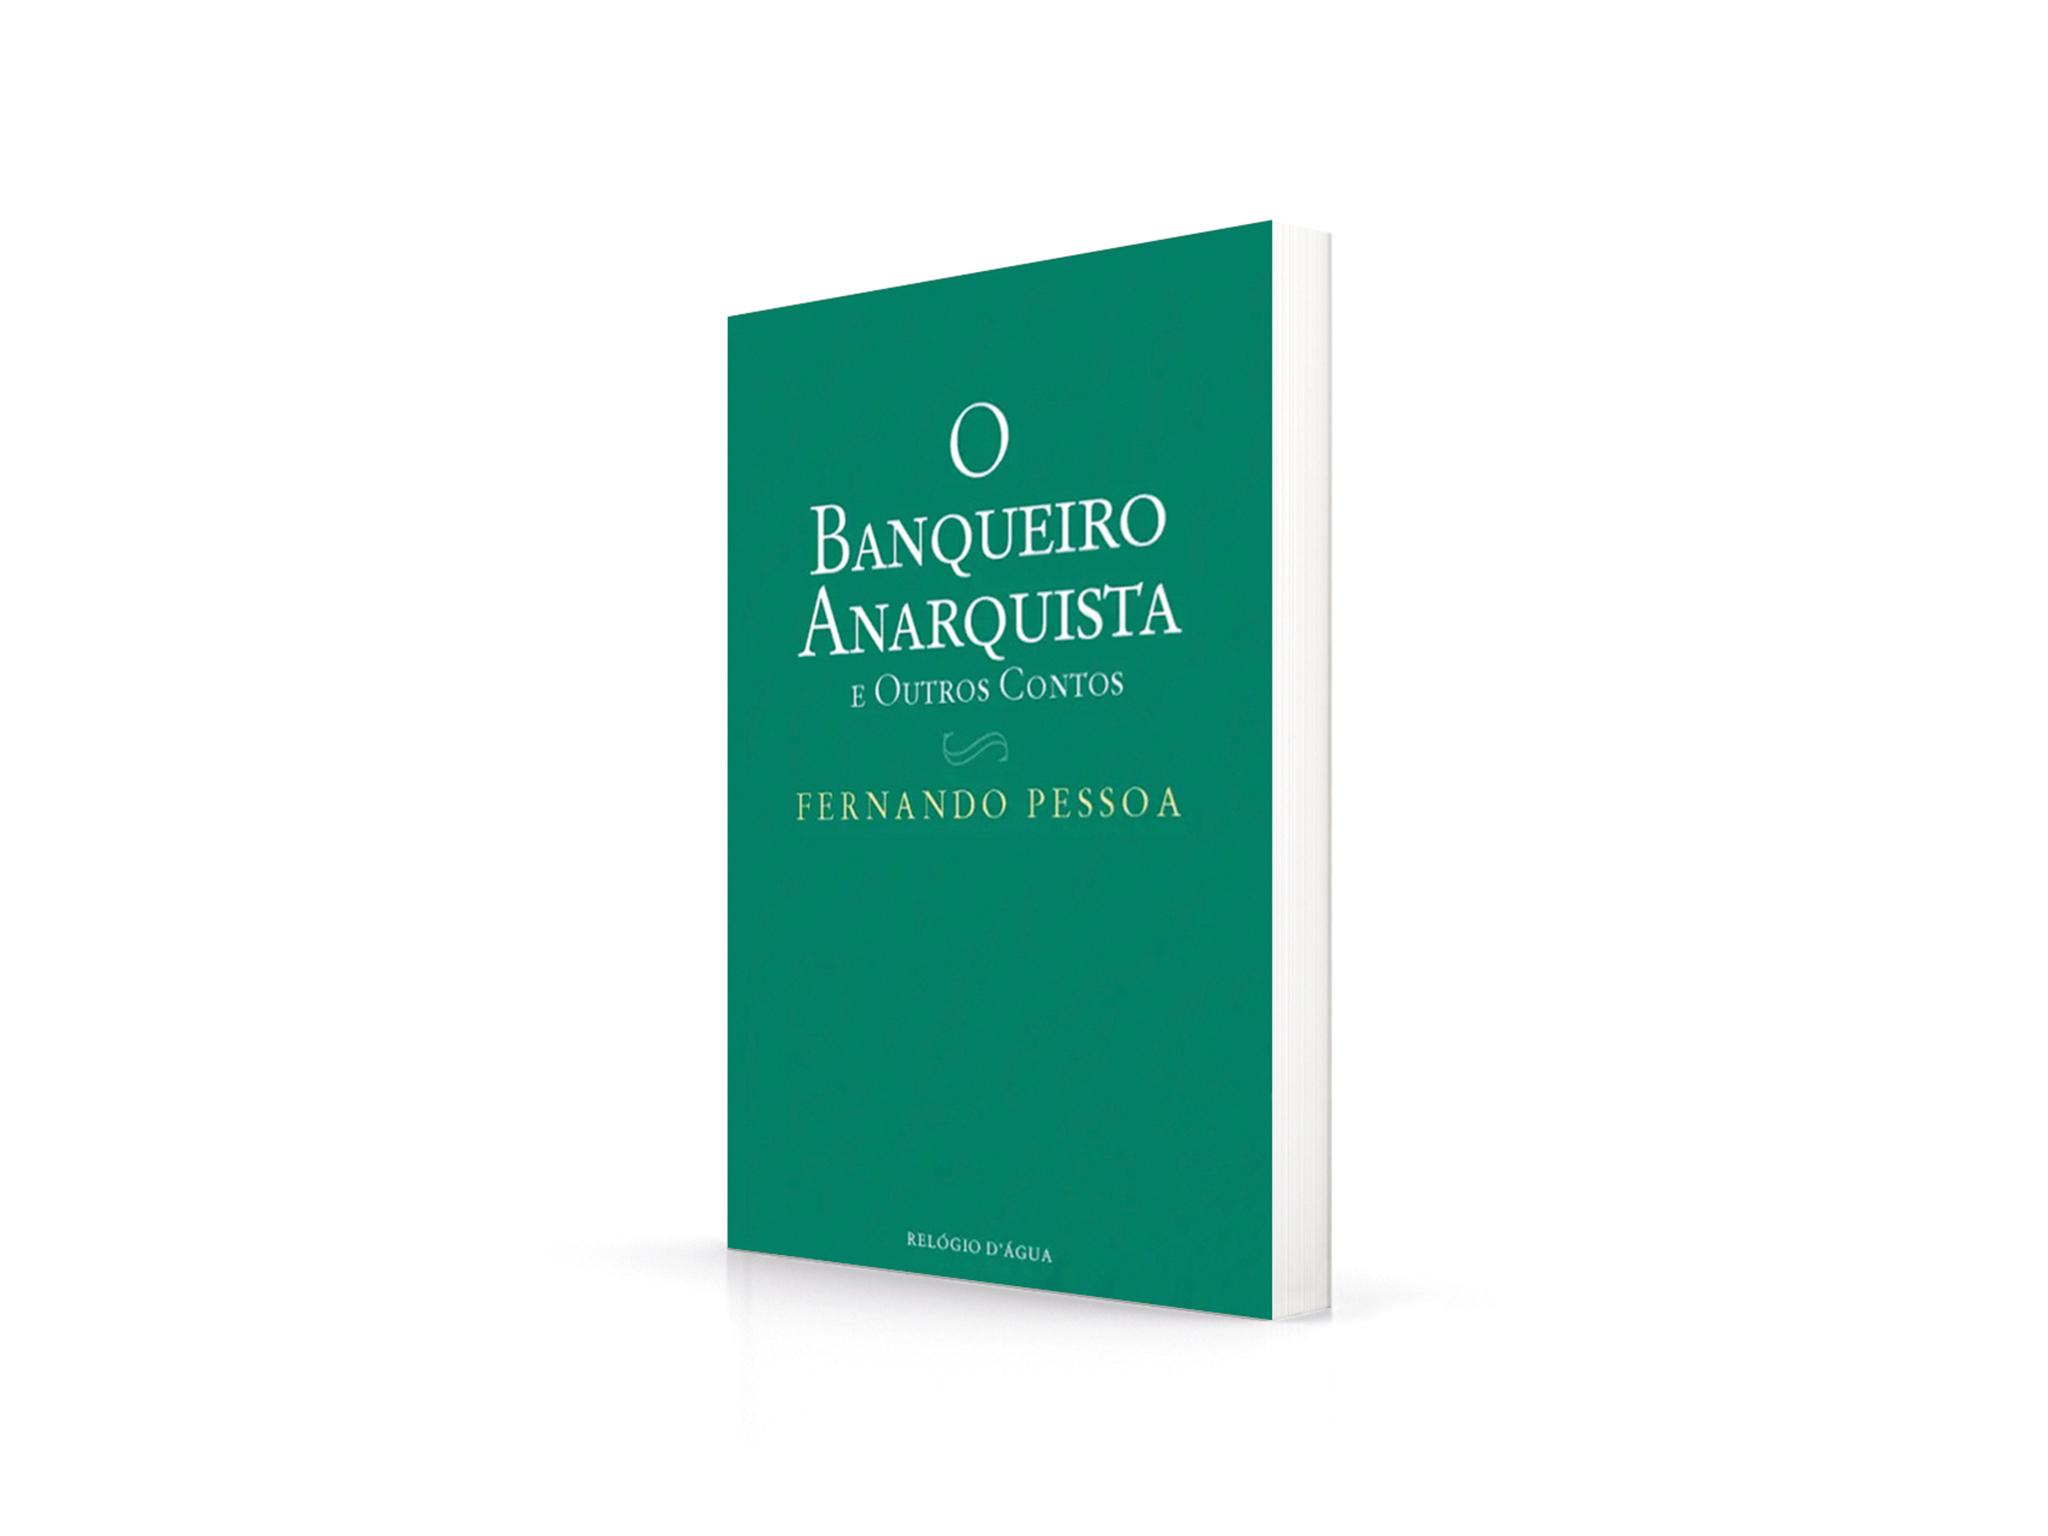 Livro, O Banqueiro Anarquista e Outros Contos, Fernando Pessoa